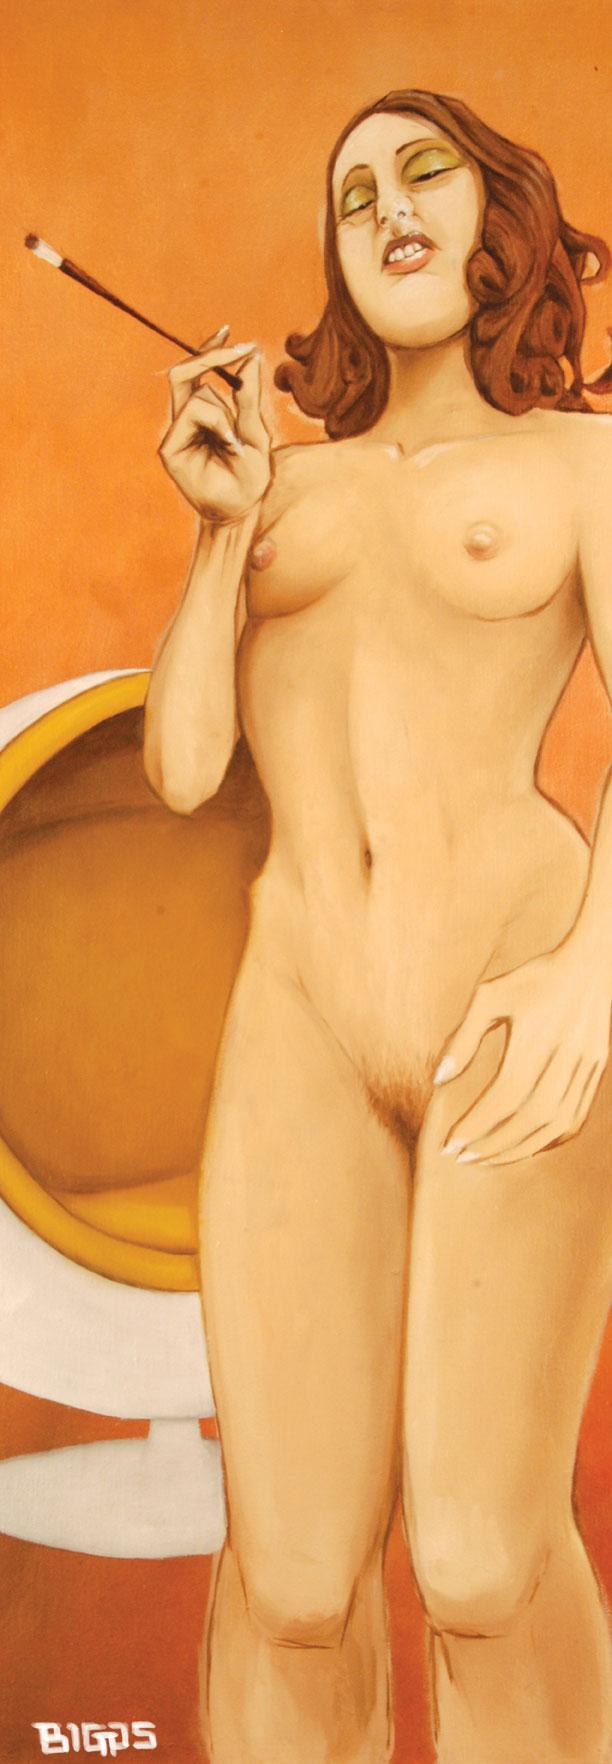 naked-famous-new.jpg